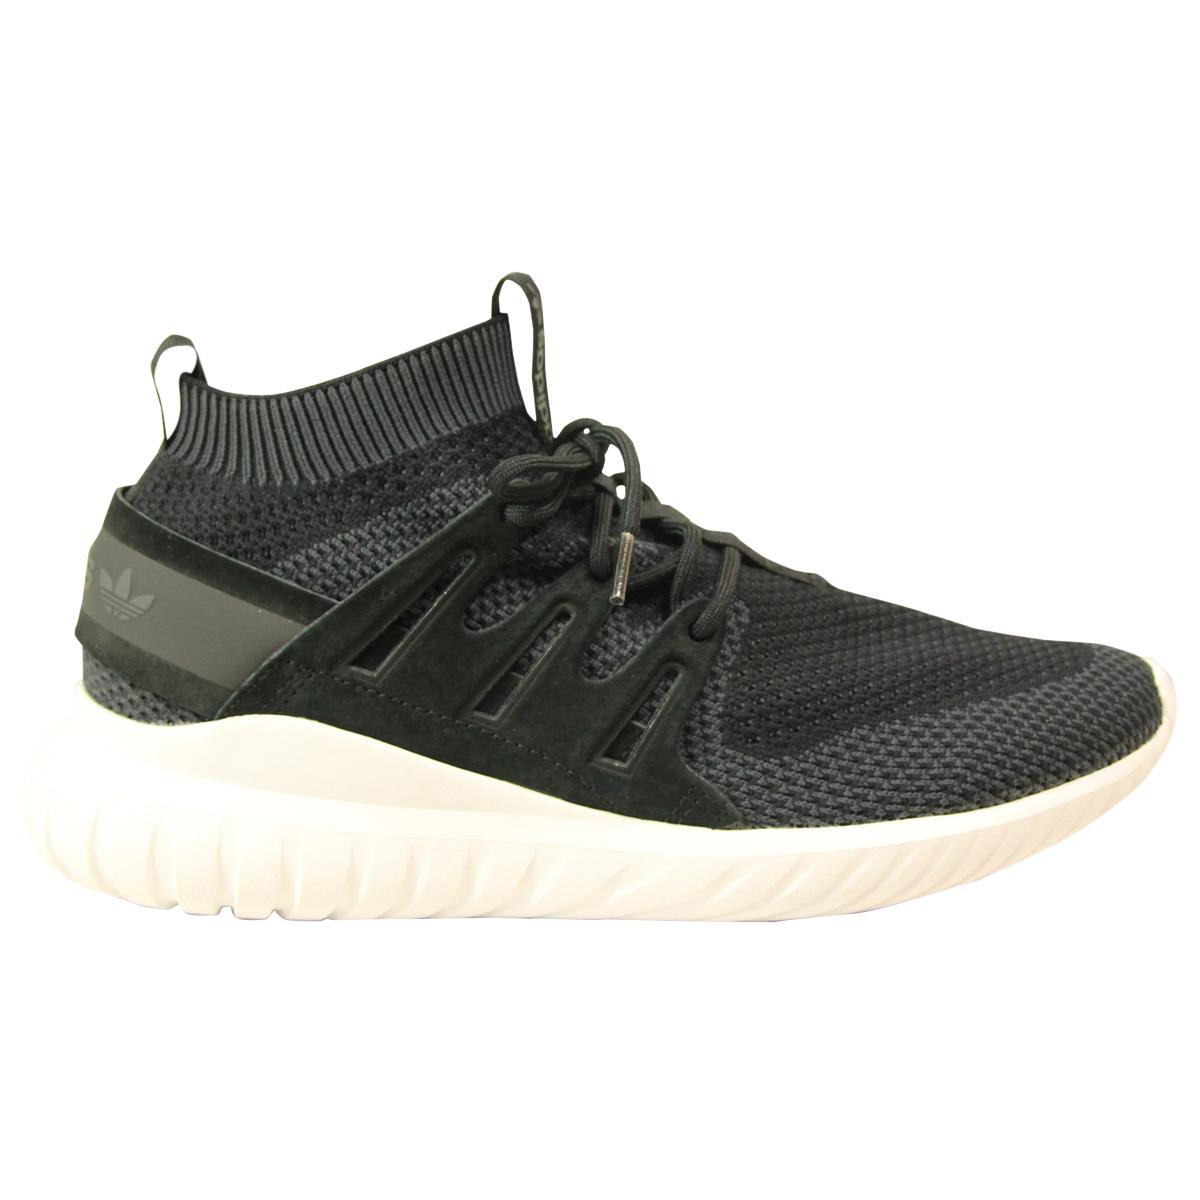 0301247c182 adidas Originals TUBULAR NOVA PRIMEKNIT Men Sneakers Shoes ...